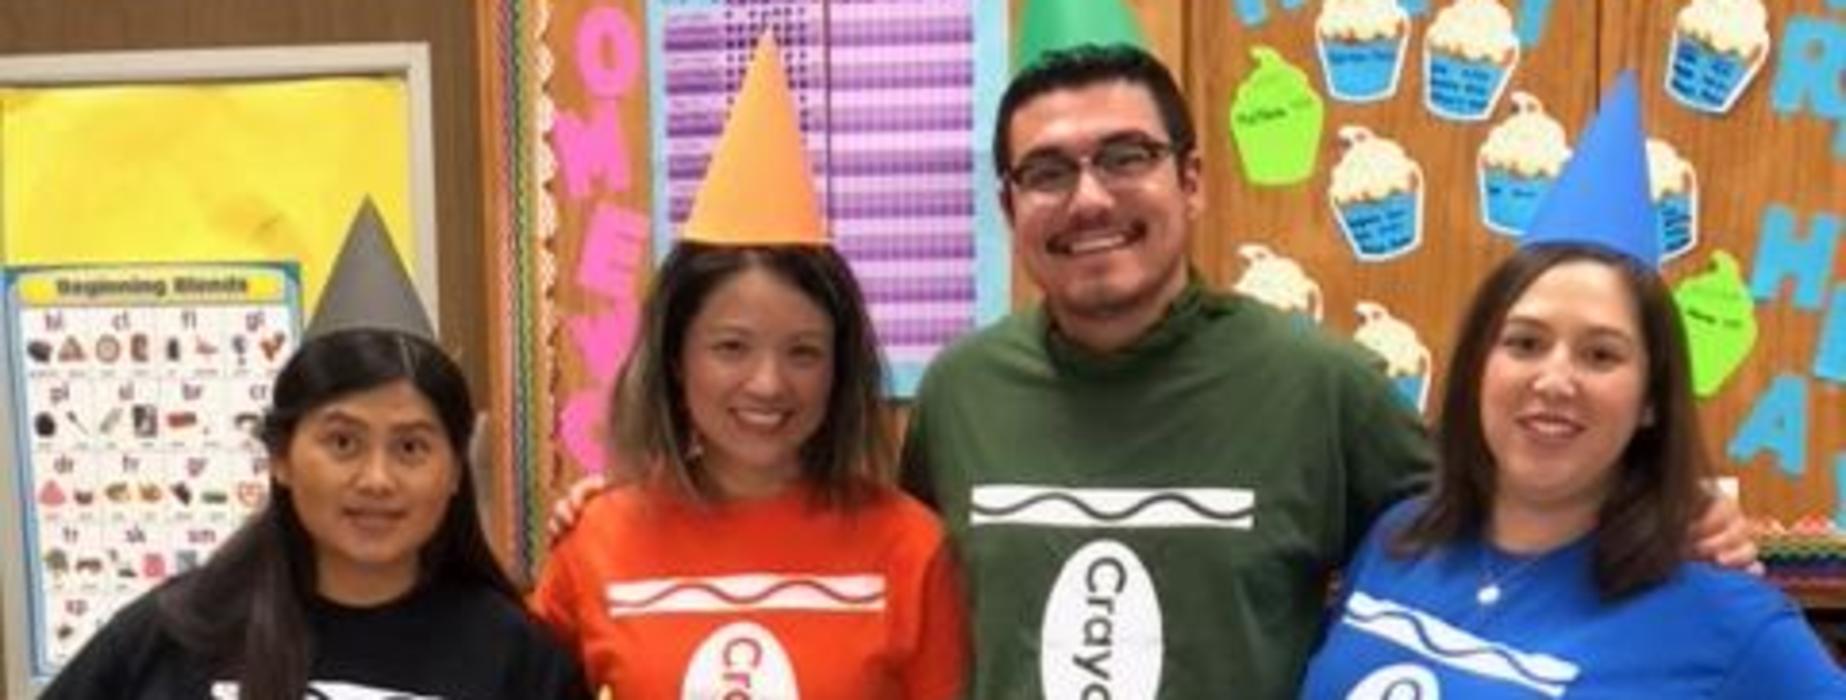 Marguerita Crayons on Halloween